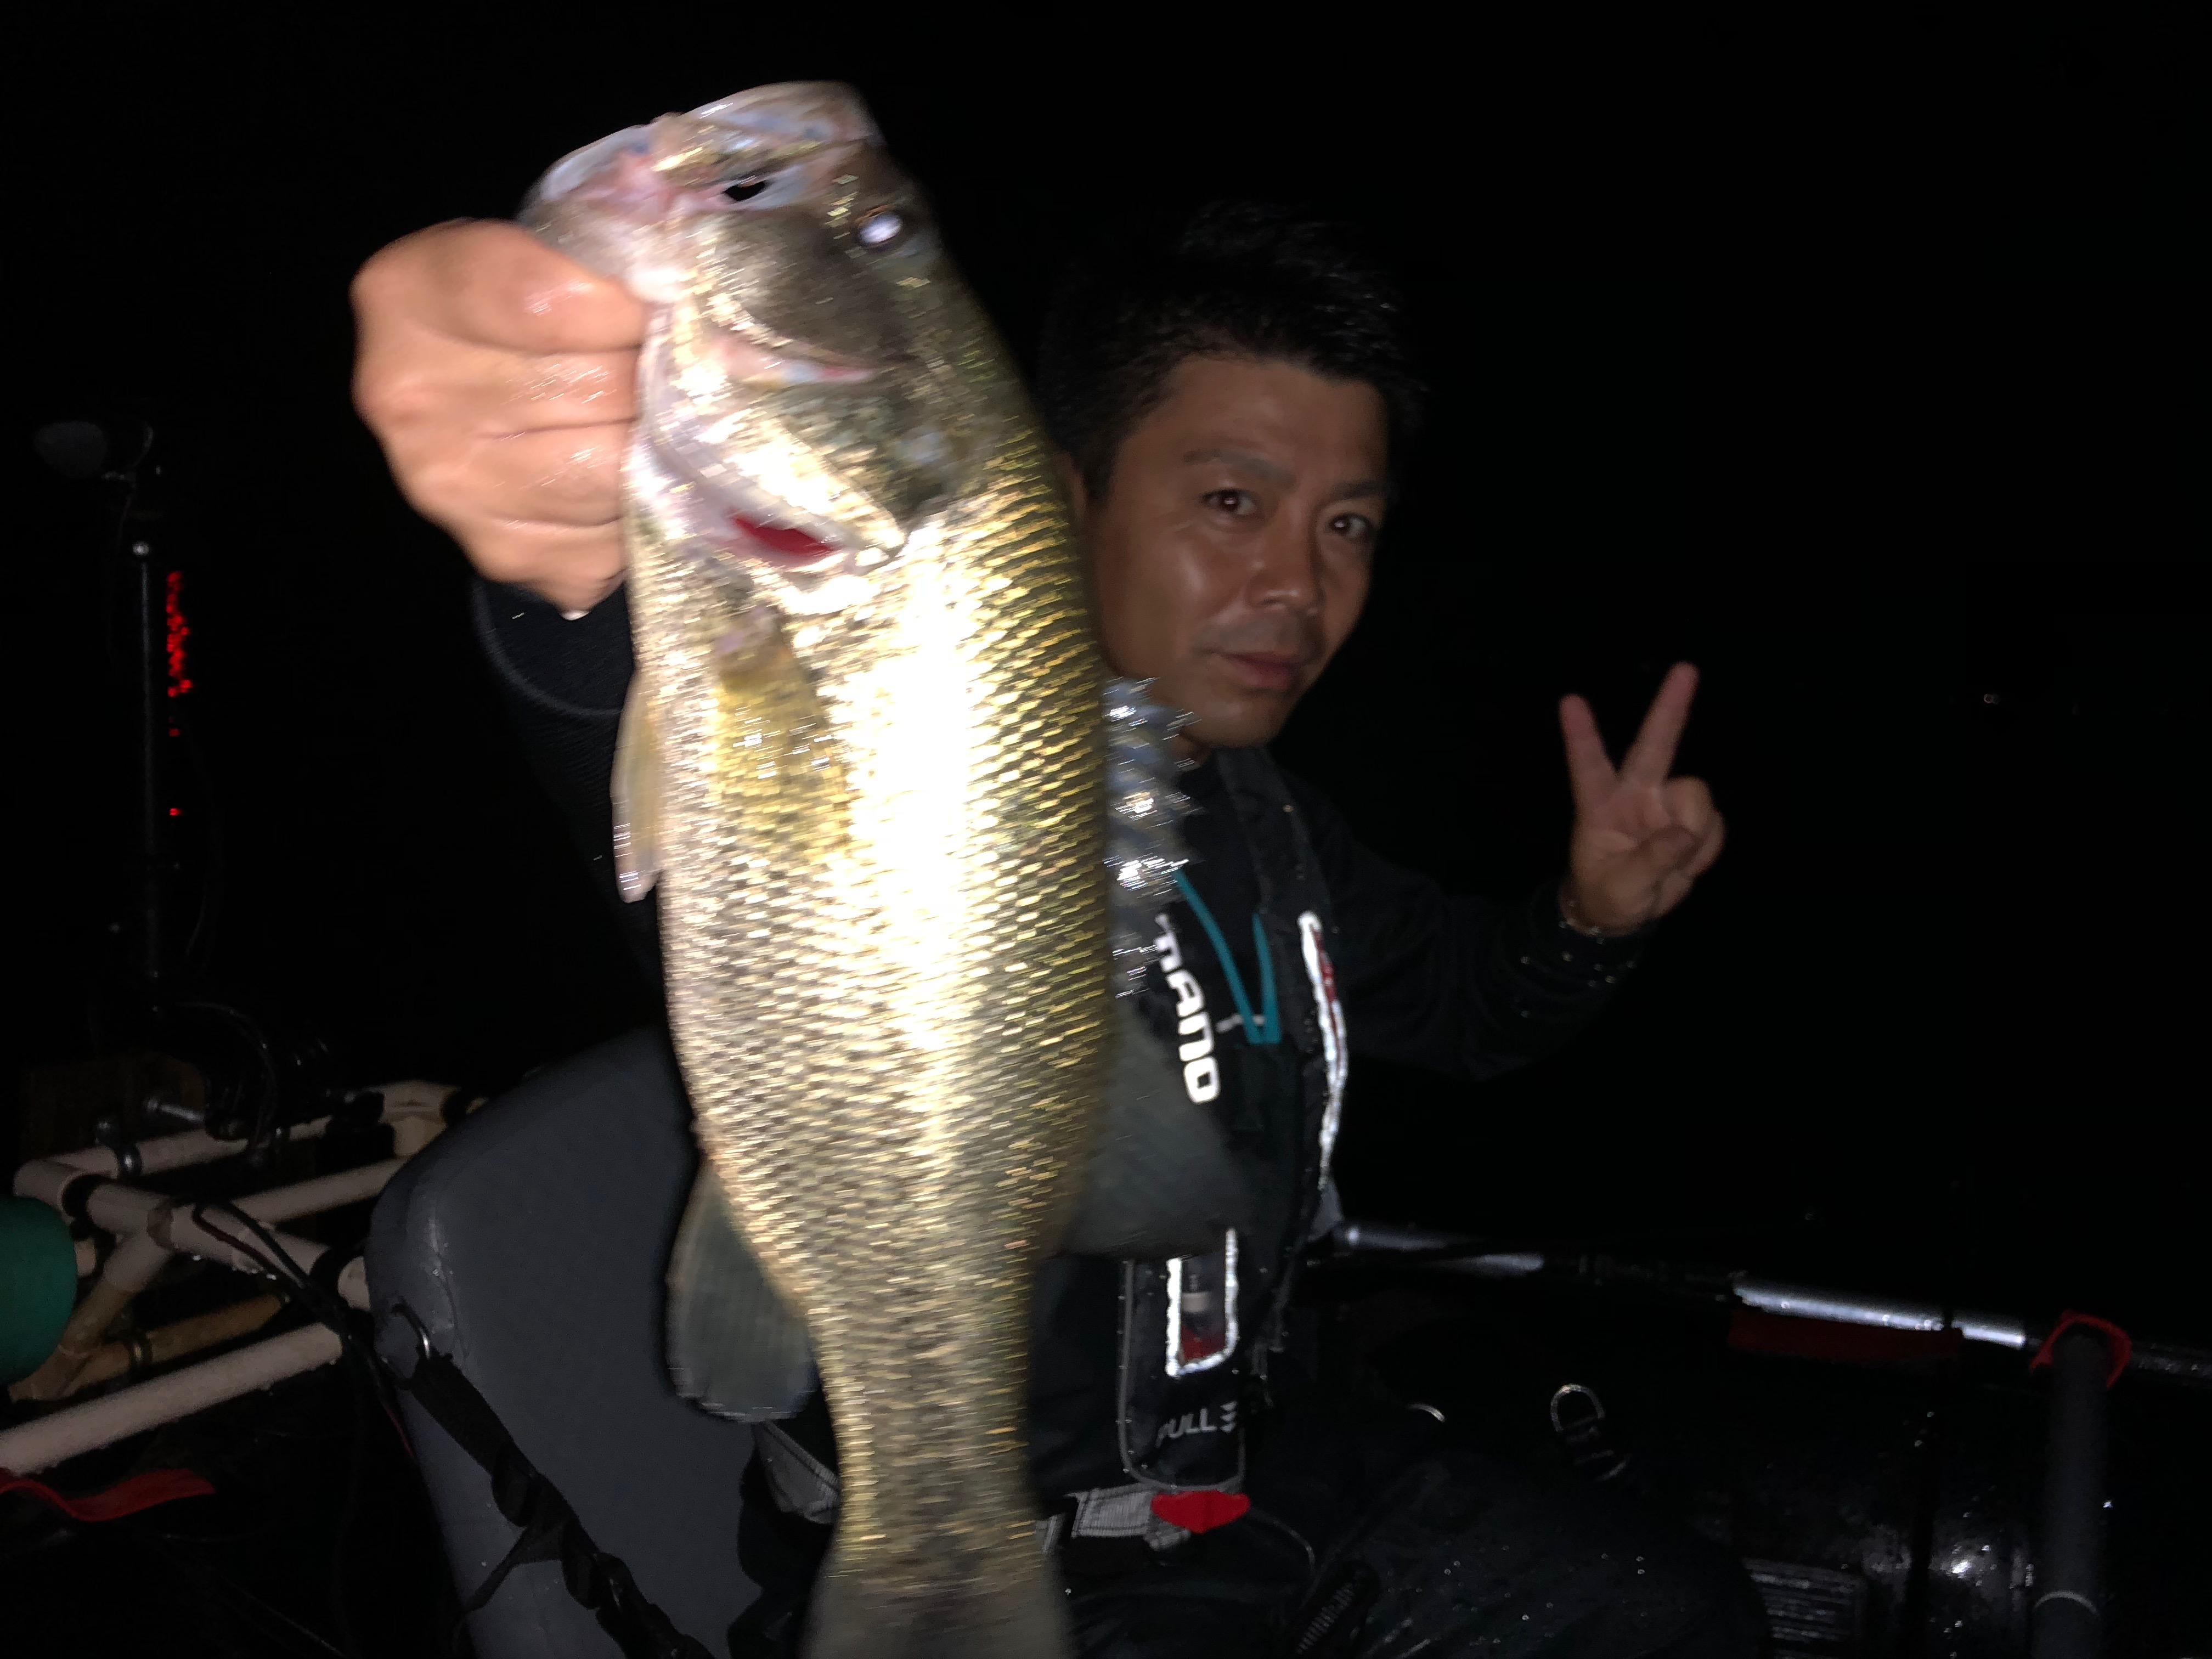 琵琶湖カネカ裏でチャターベイトを巻いて捕獲した40UPの画像